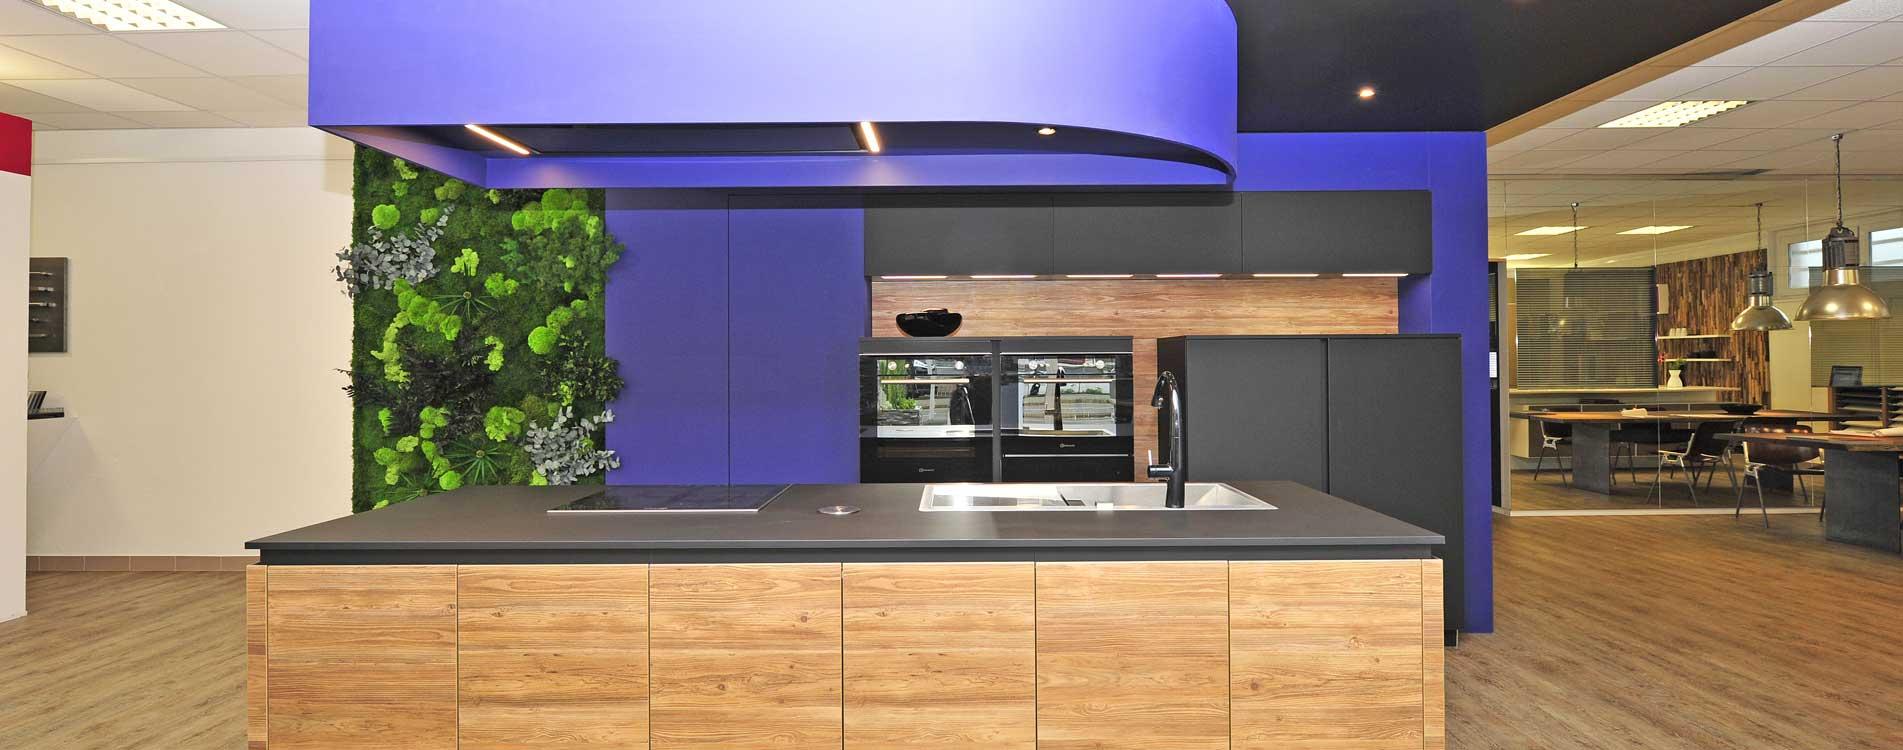 Meuble cuisine designo cuisine lausanne for Meubles lausanne